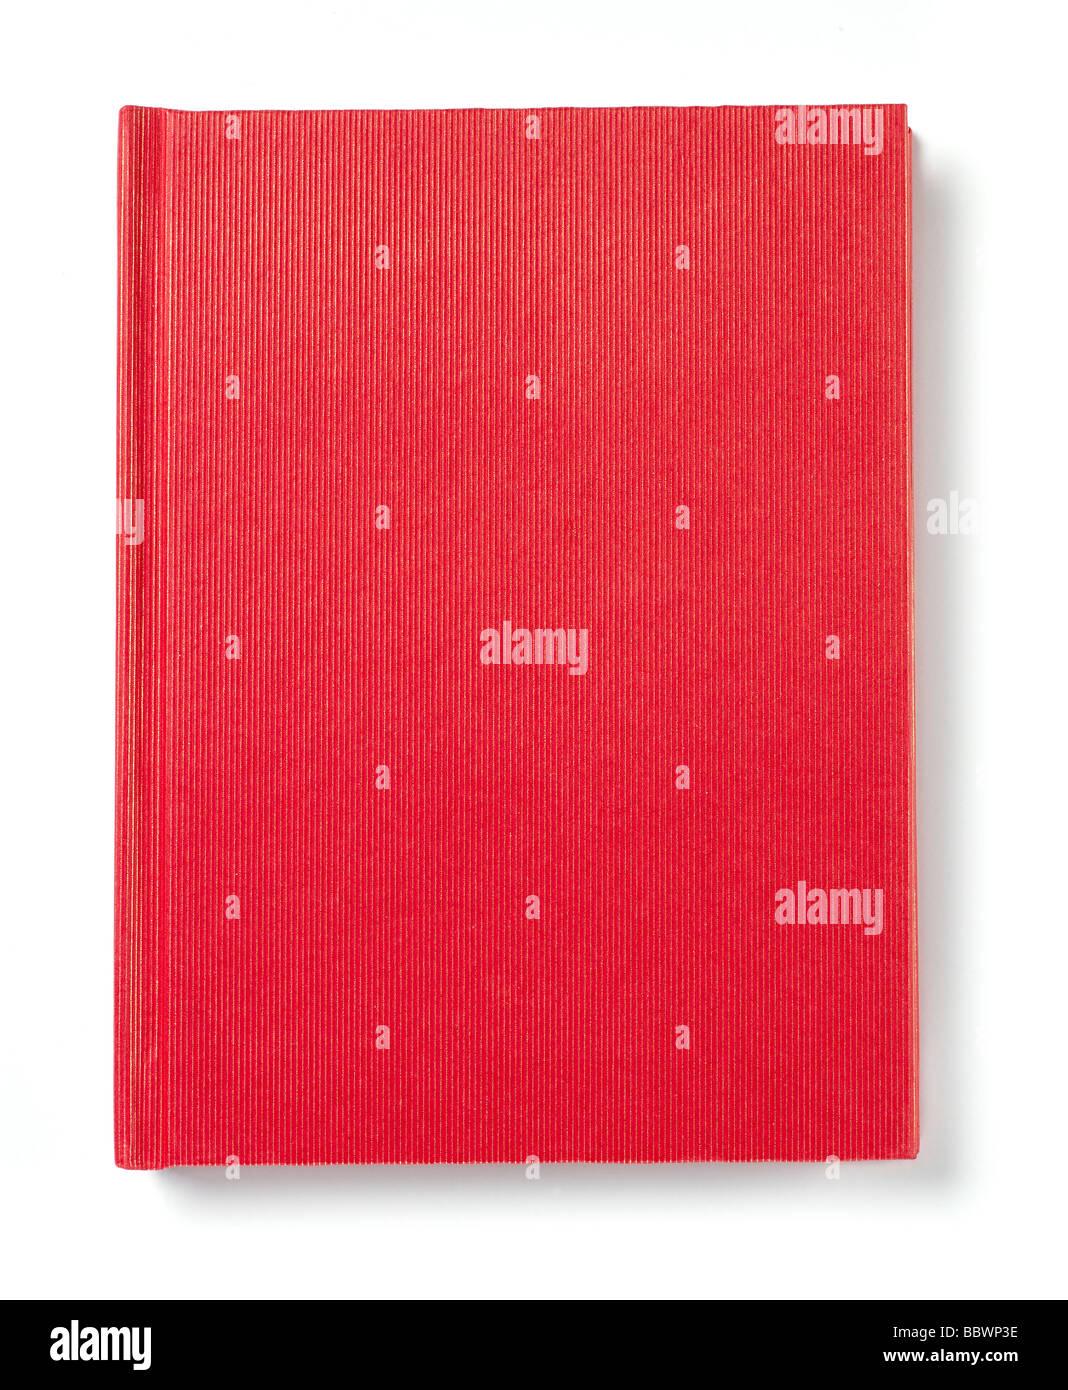 Copertina di libro rossa Immagini Stock